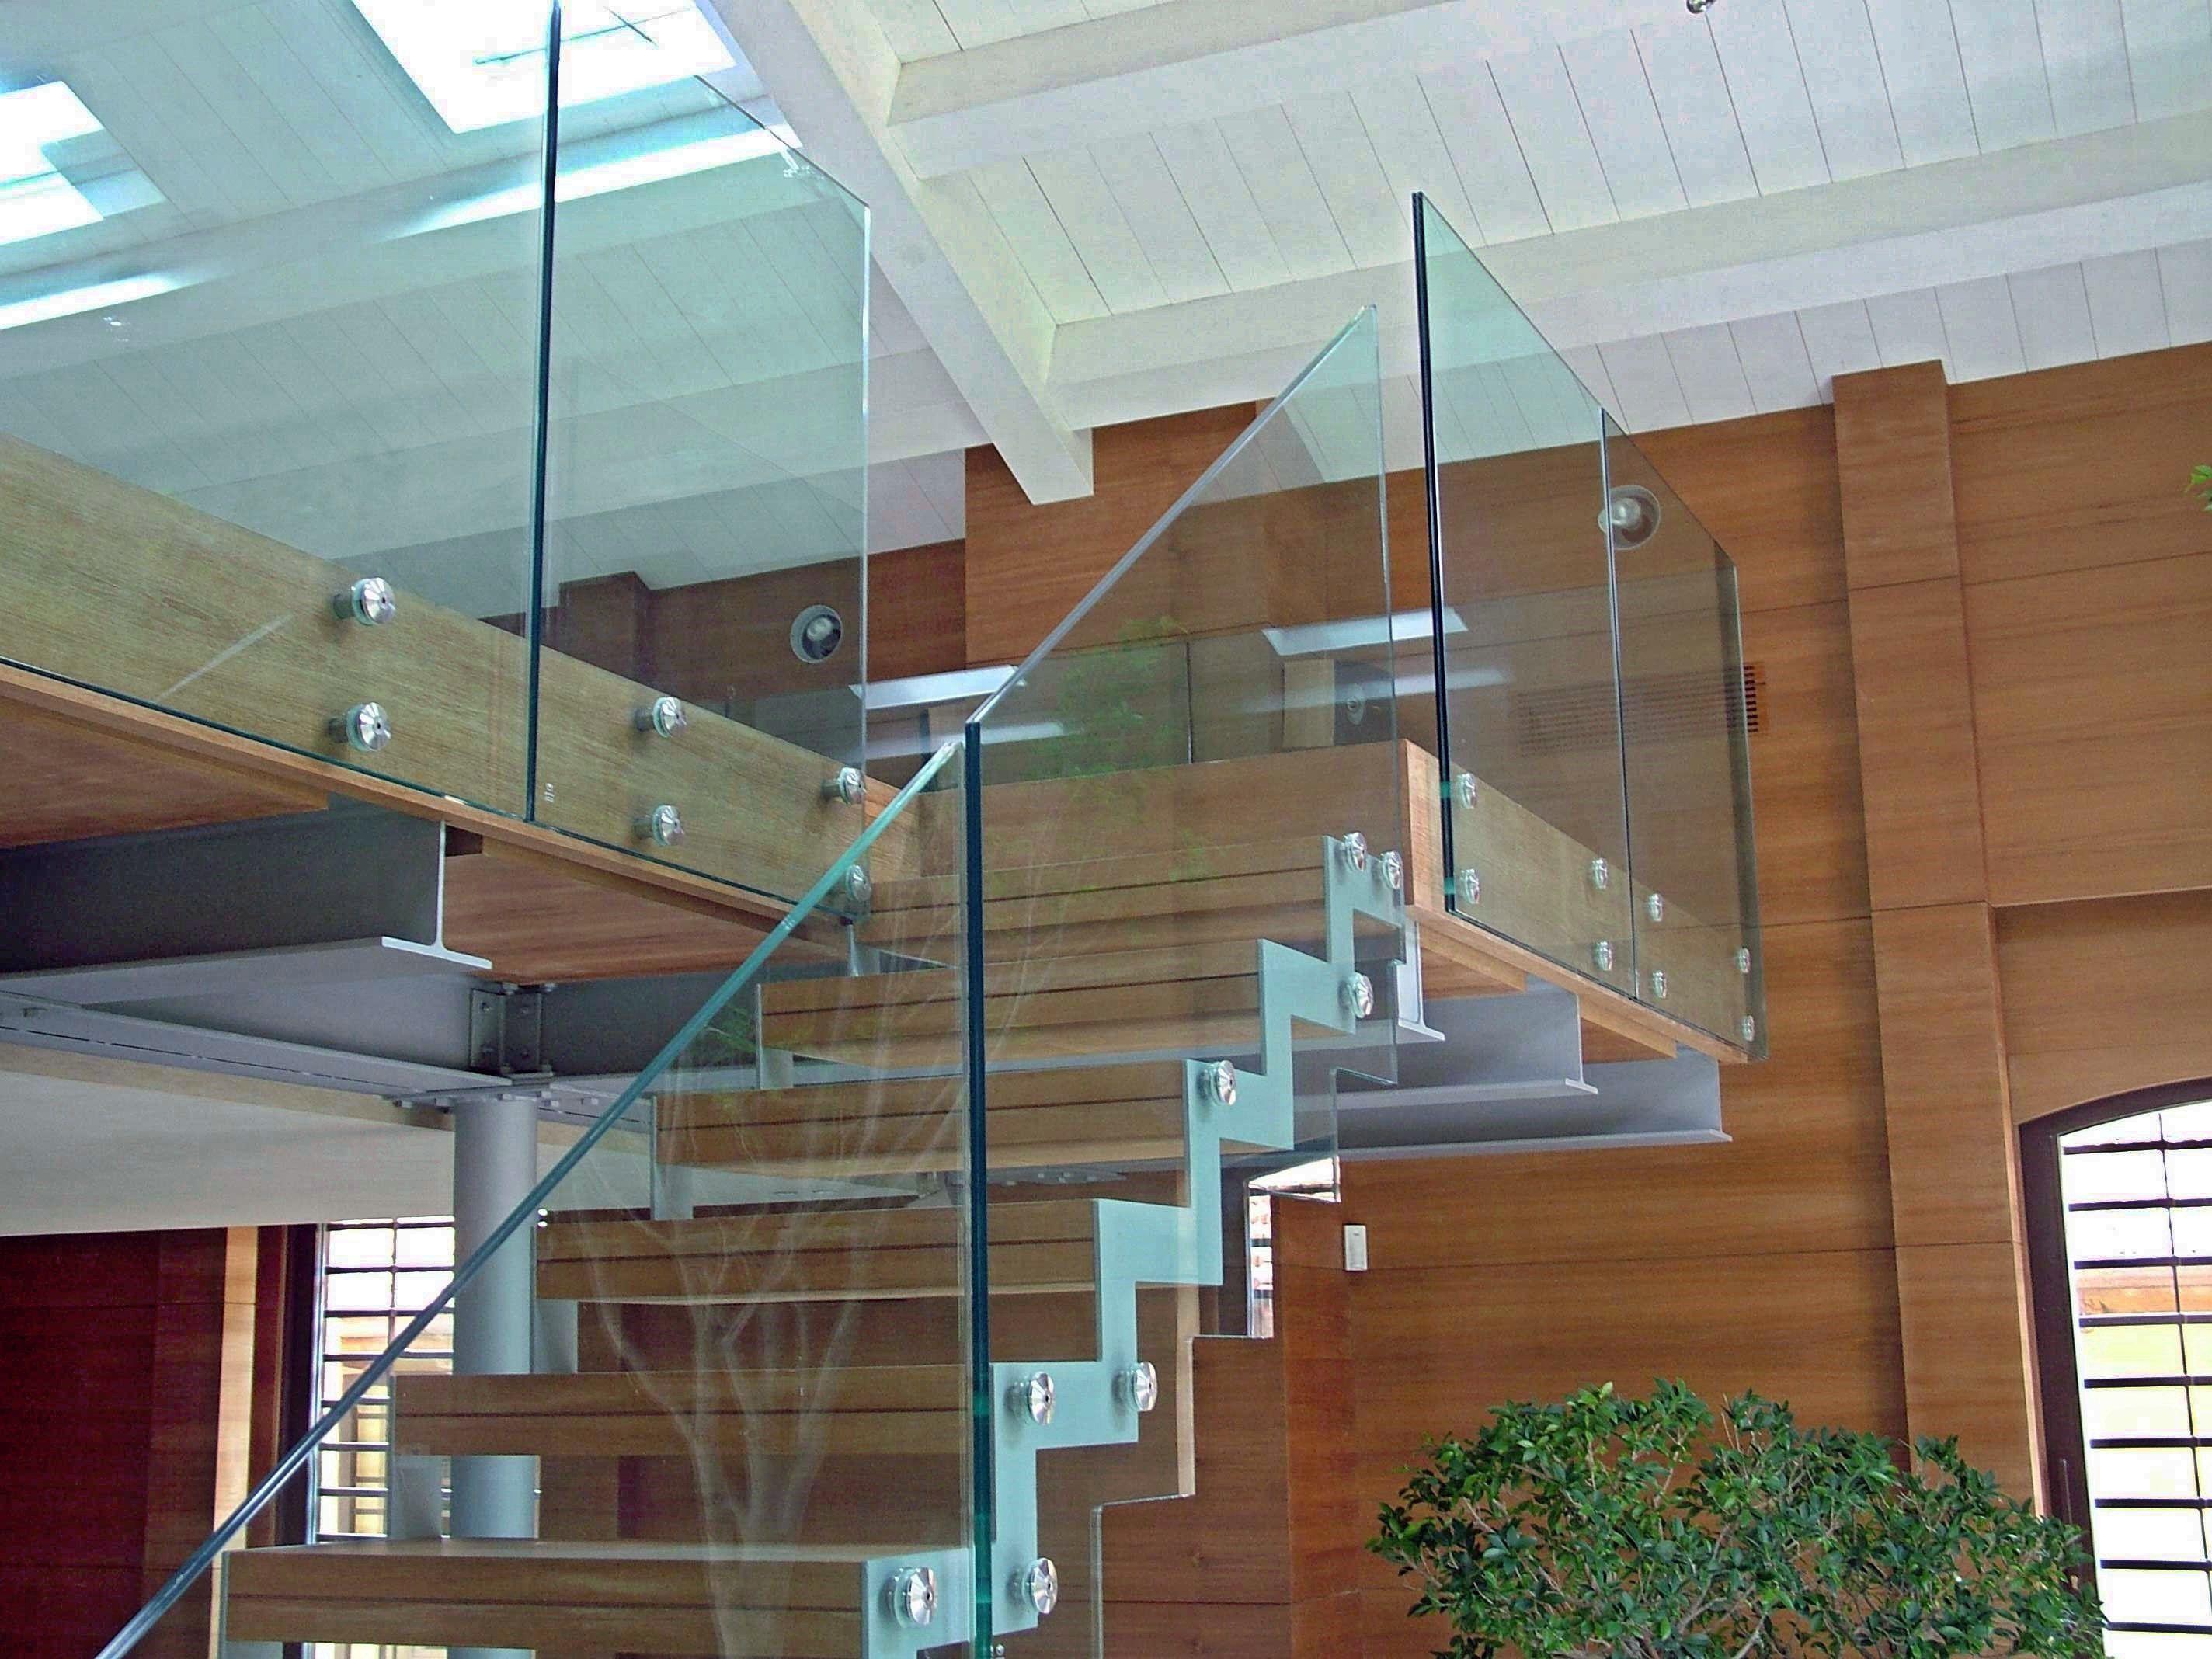 Купить стекло 8 мм. Оптовые поставки каленого стекла 8 мм